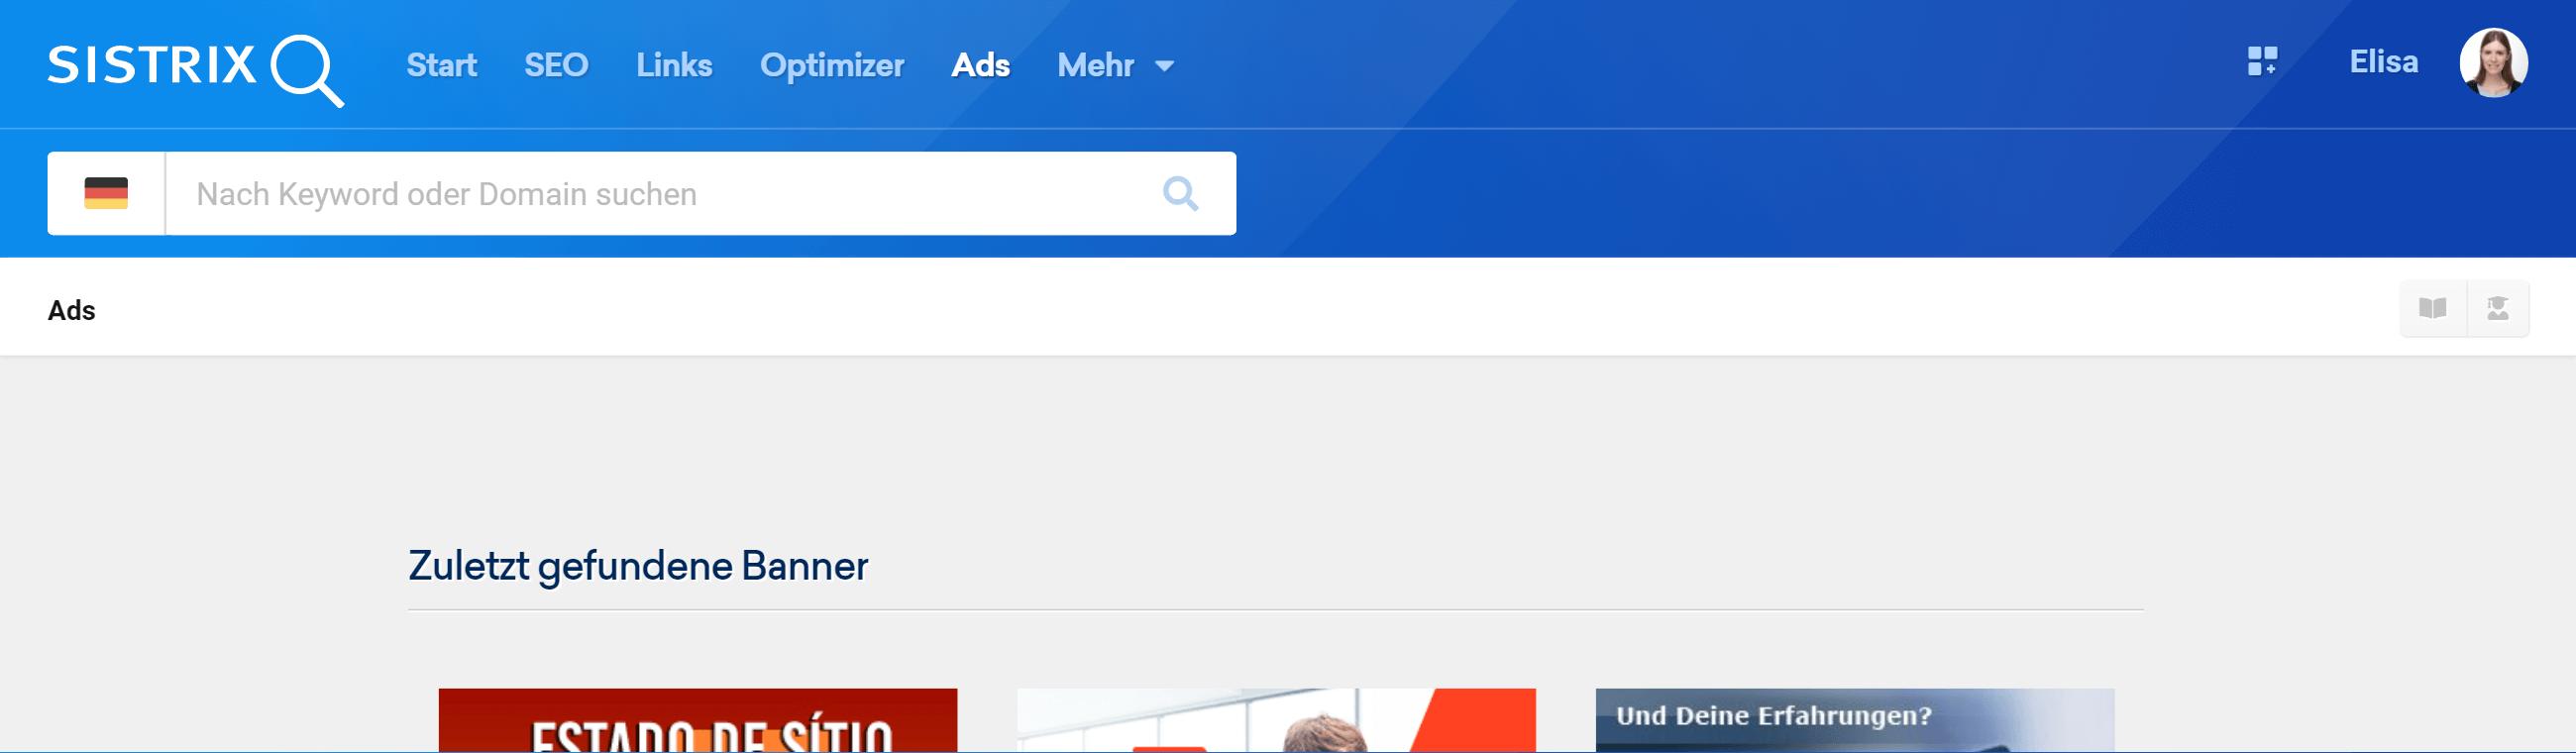 Das Ads-Modul in der SISTRIX Toolbox